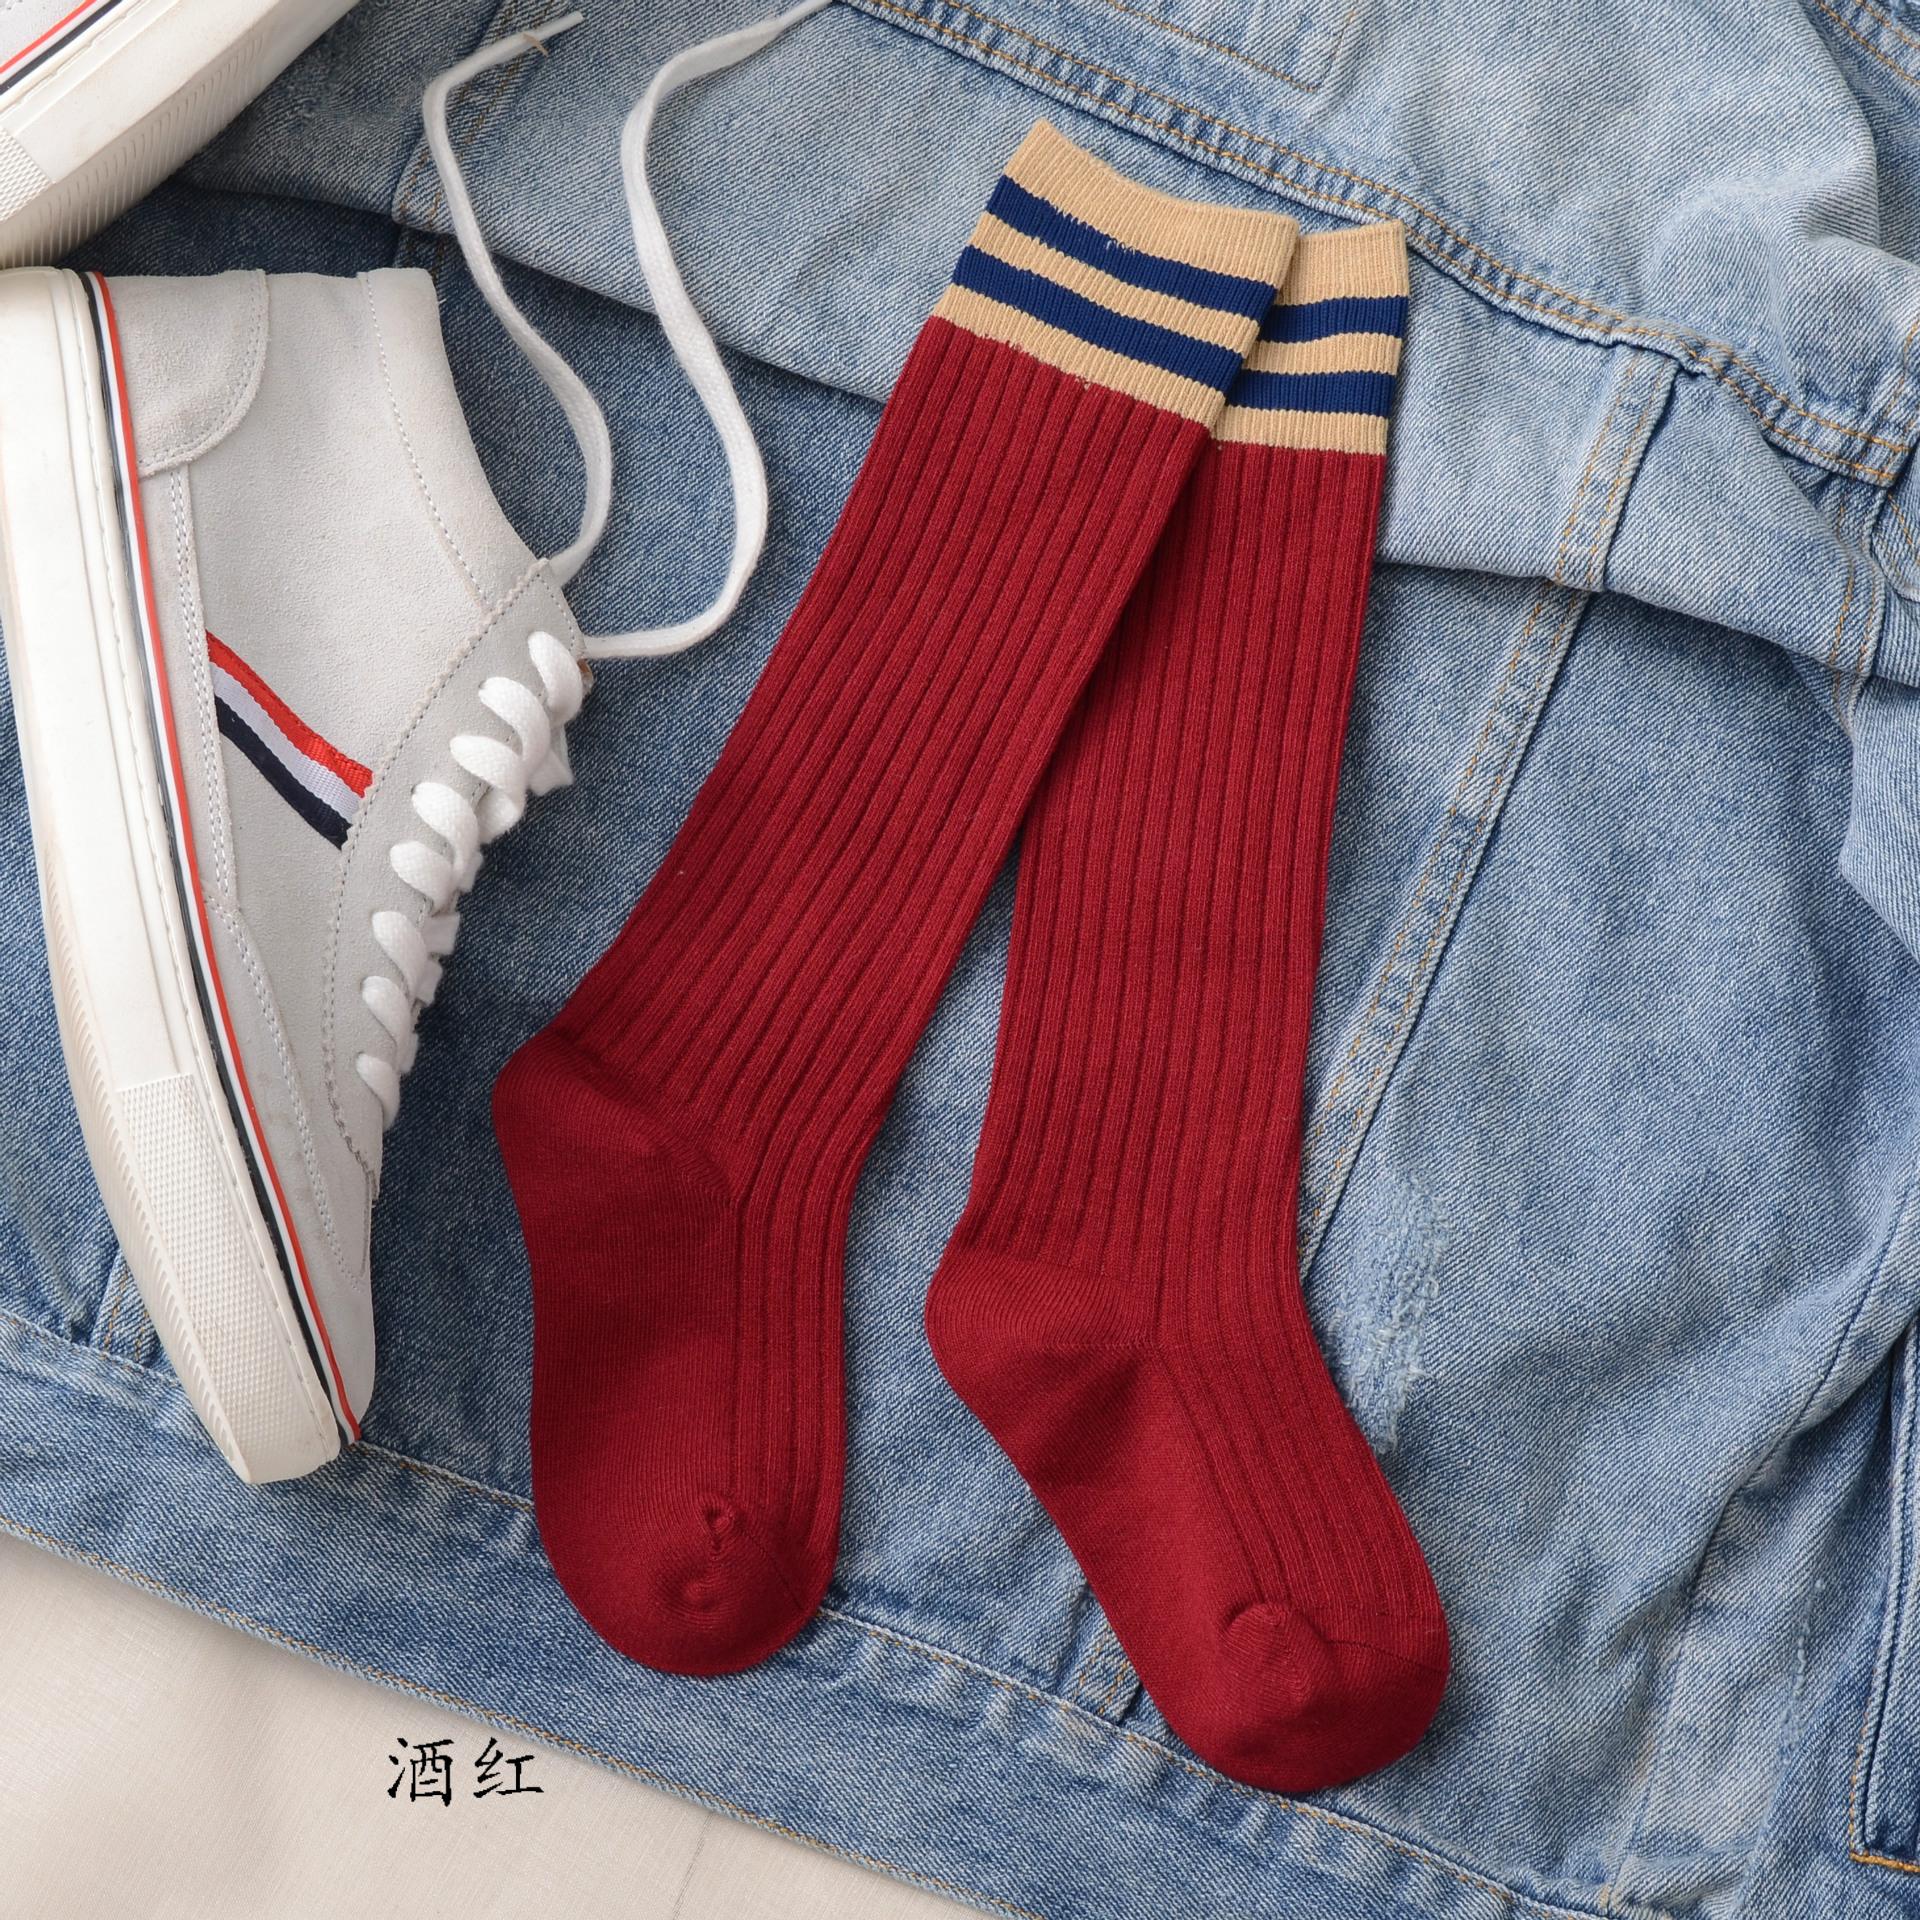 儿童长筒袜男宝宝中高筒袜女童足球袜子长筒袜过膝春夏纯棉薄款